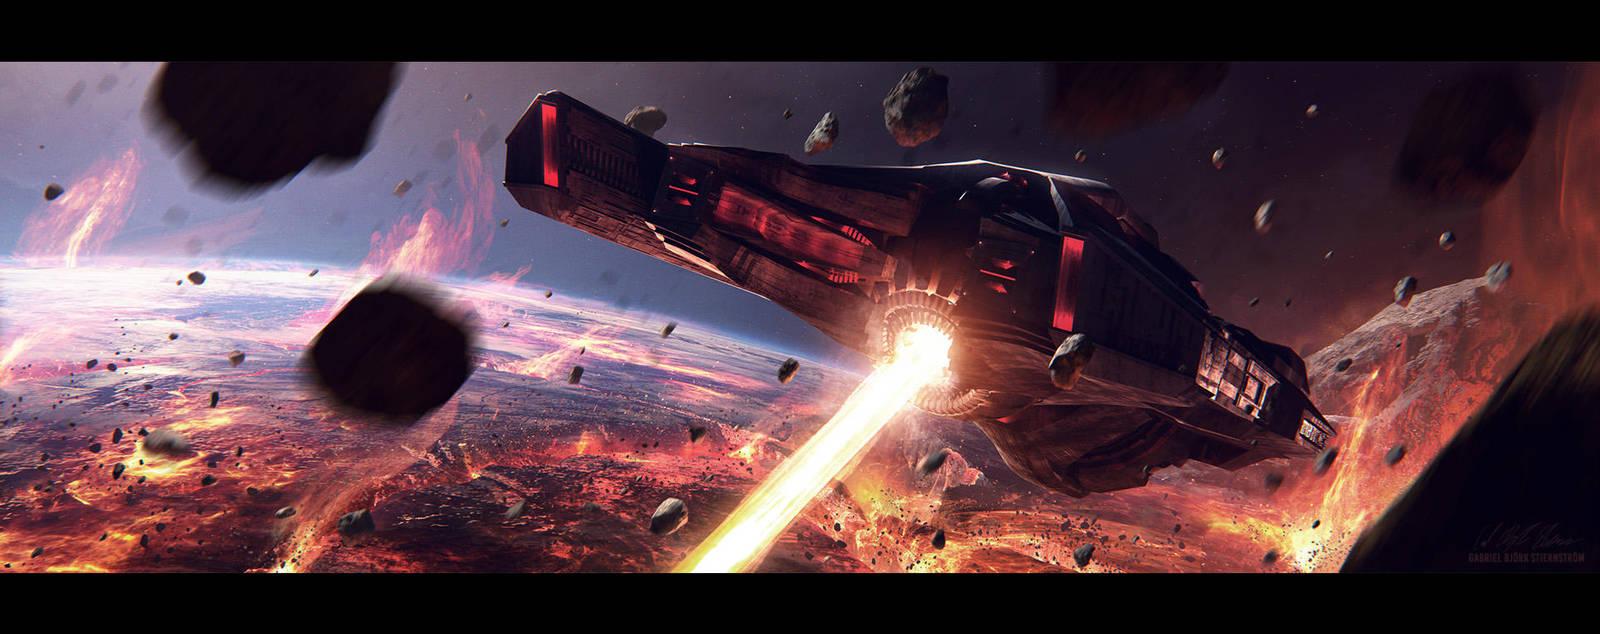 Hades' Star - Cerberus Destroyer by GabrielBStiernstrom